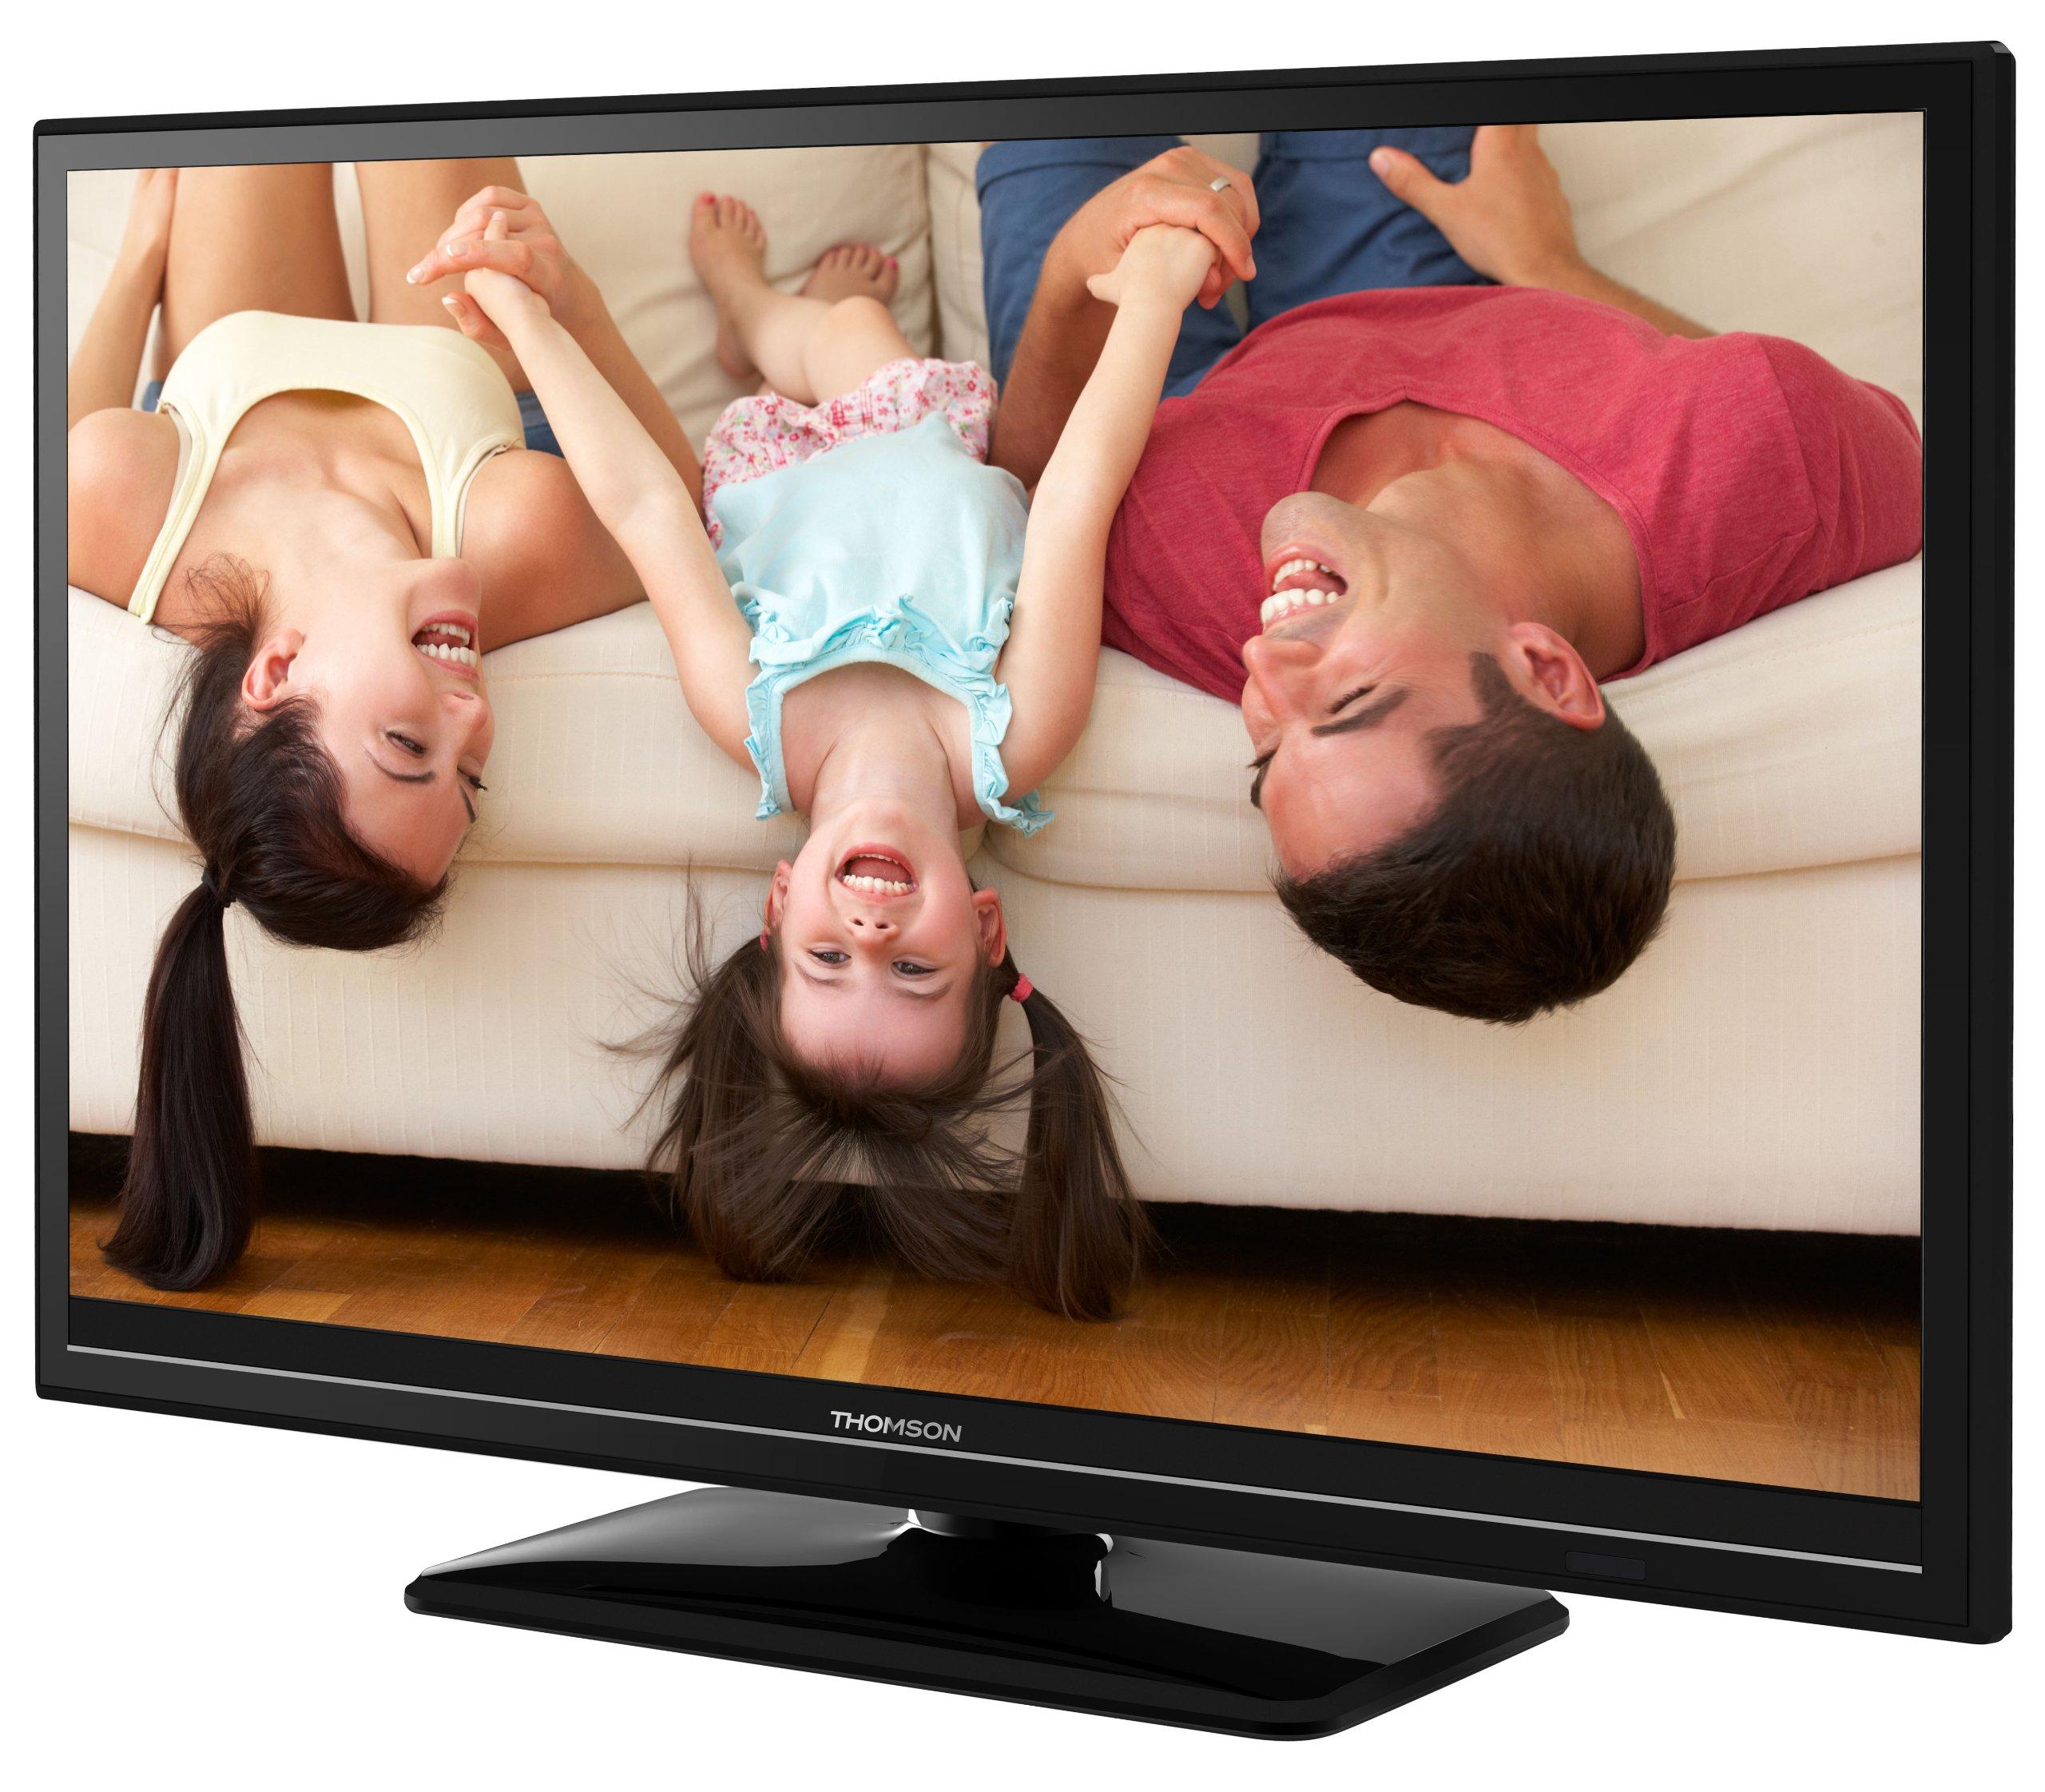 Thomson 32HW3323/G LED TV - Televisor (81,28 cm (32